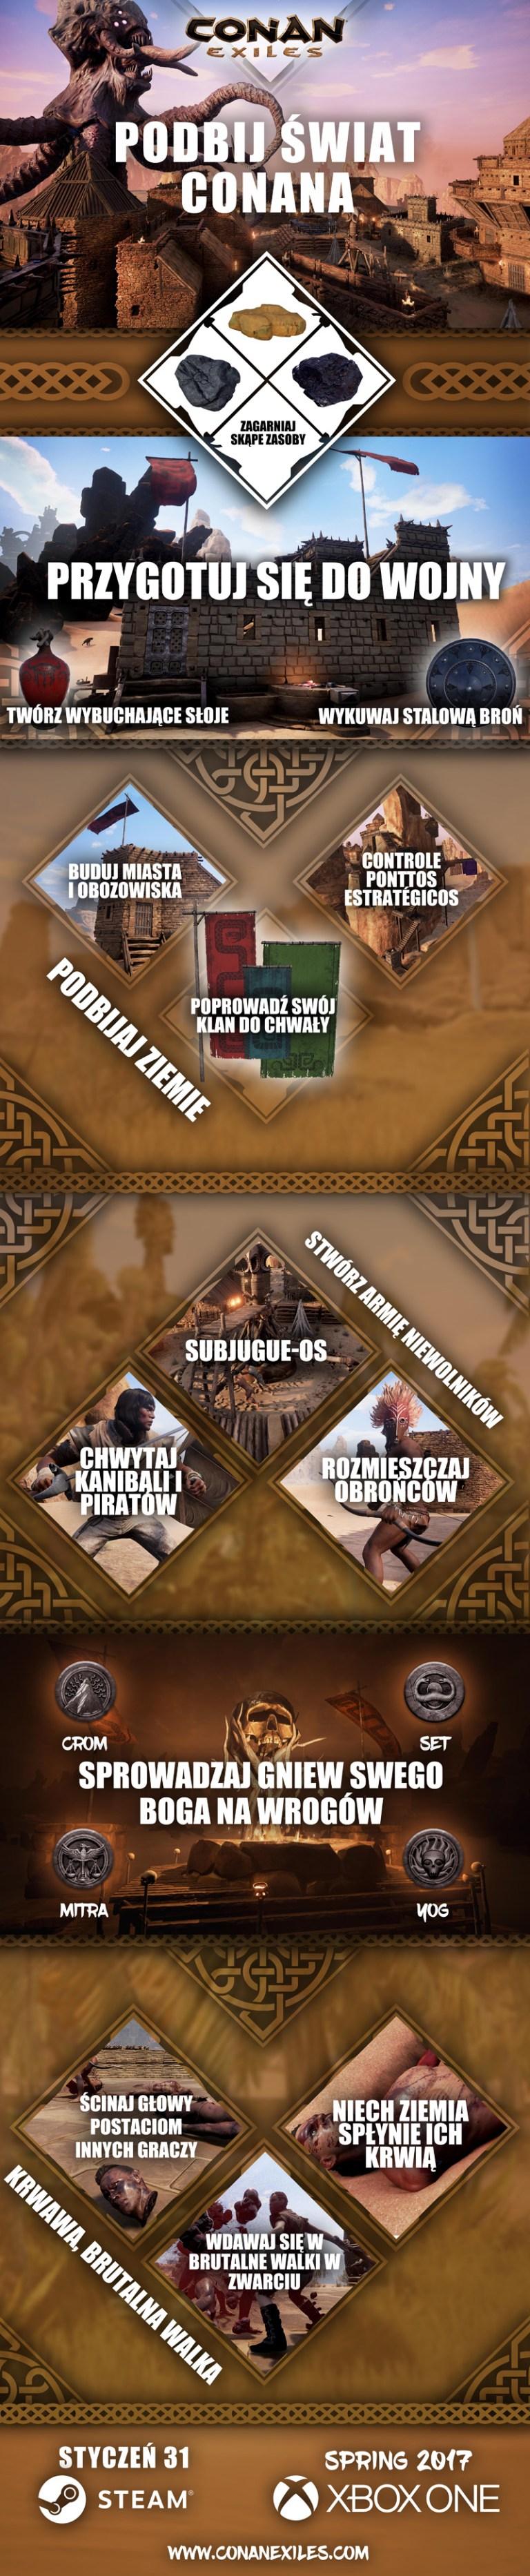 Conan-exiles-dominacja